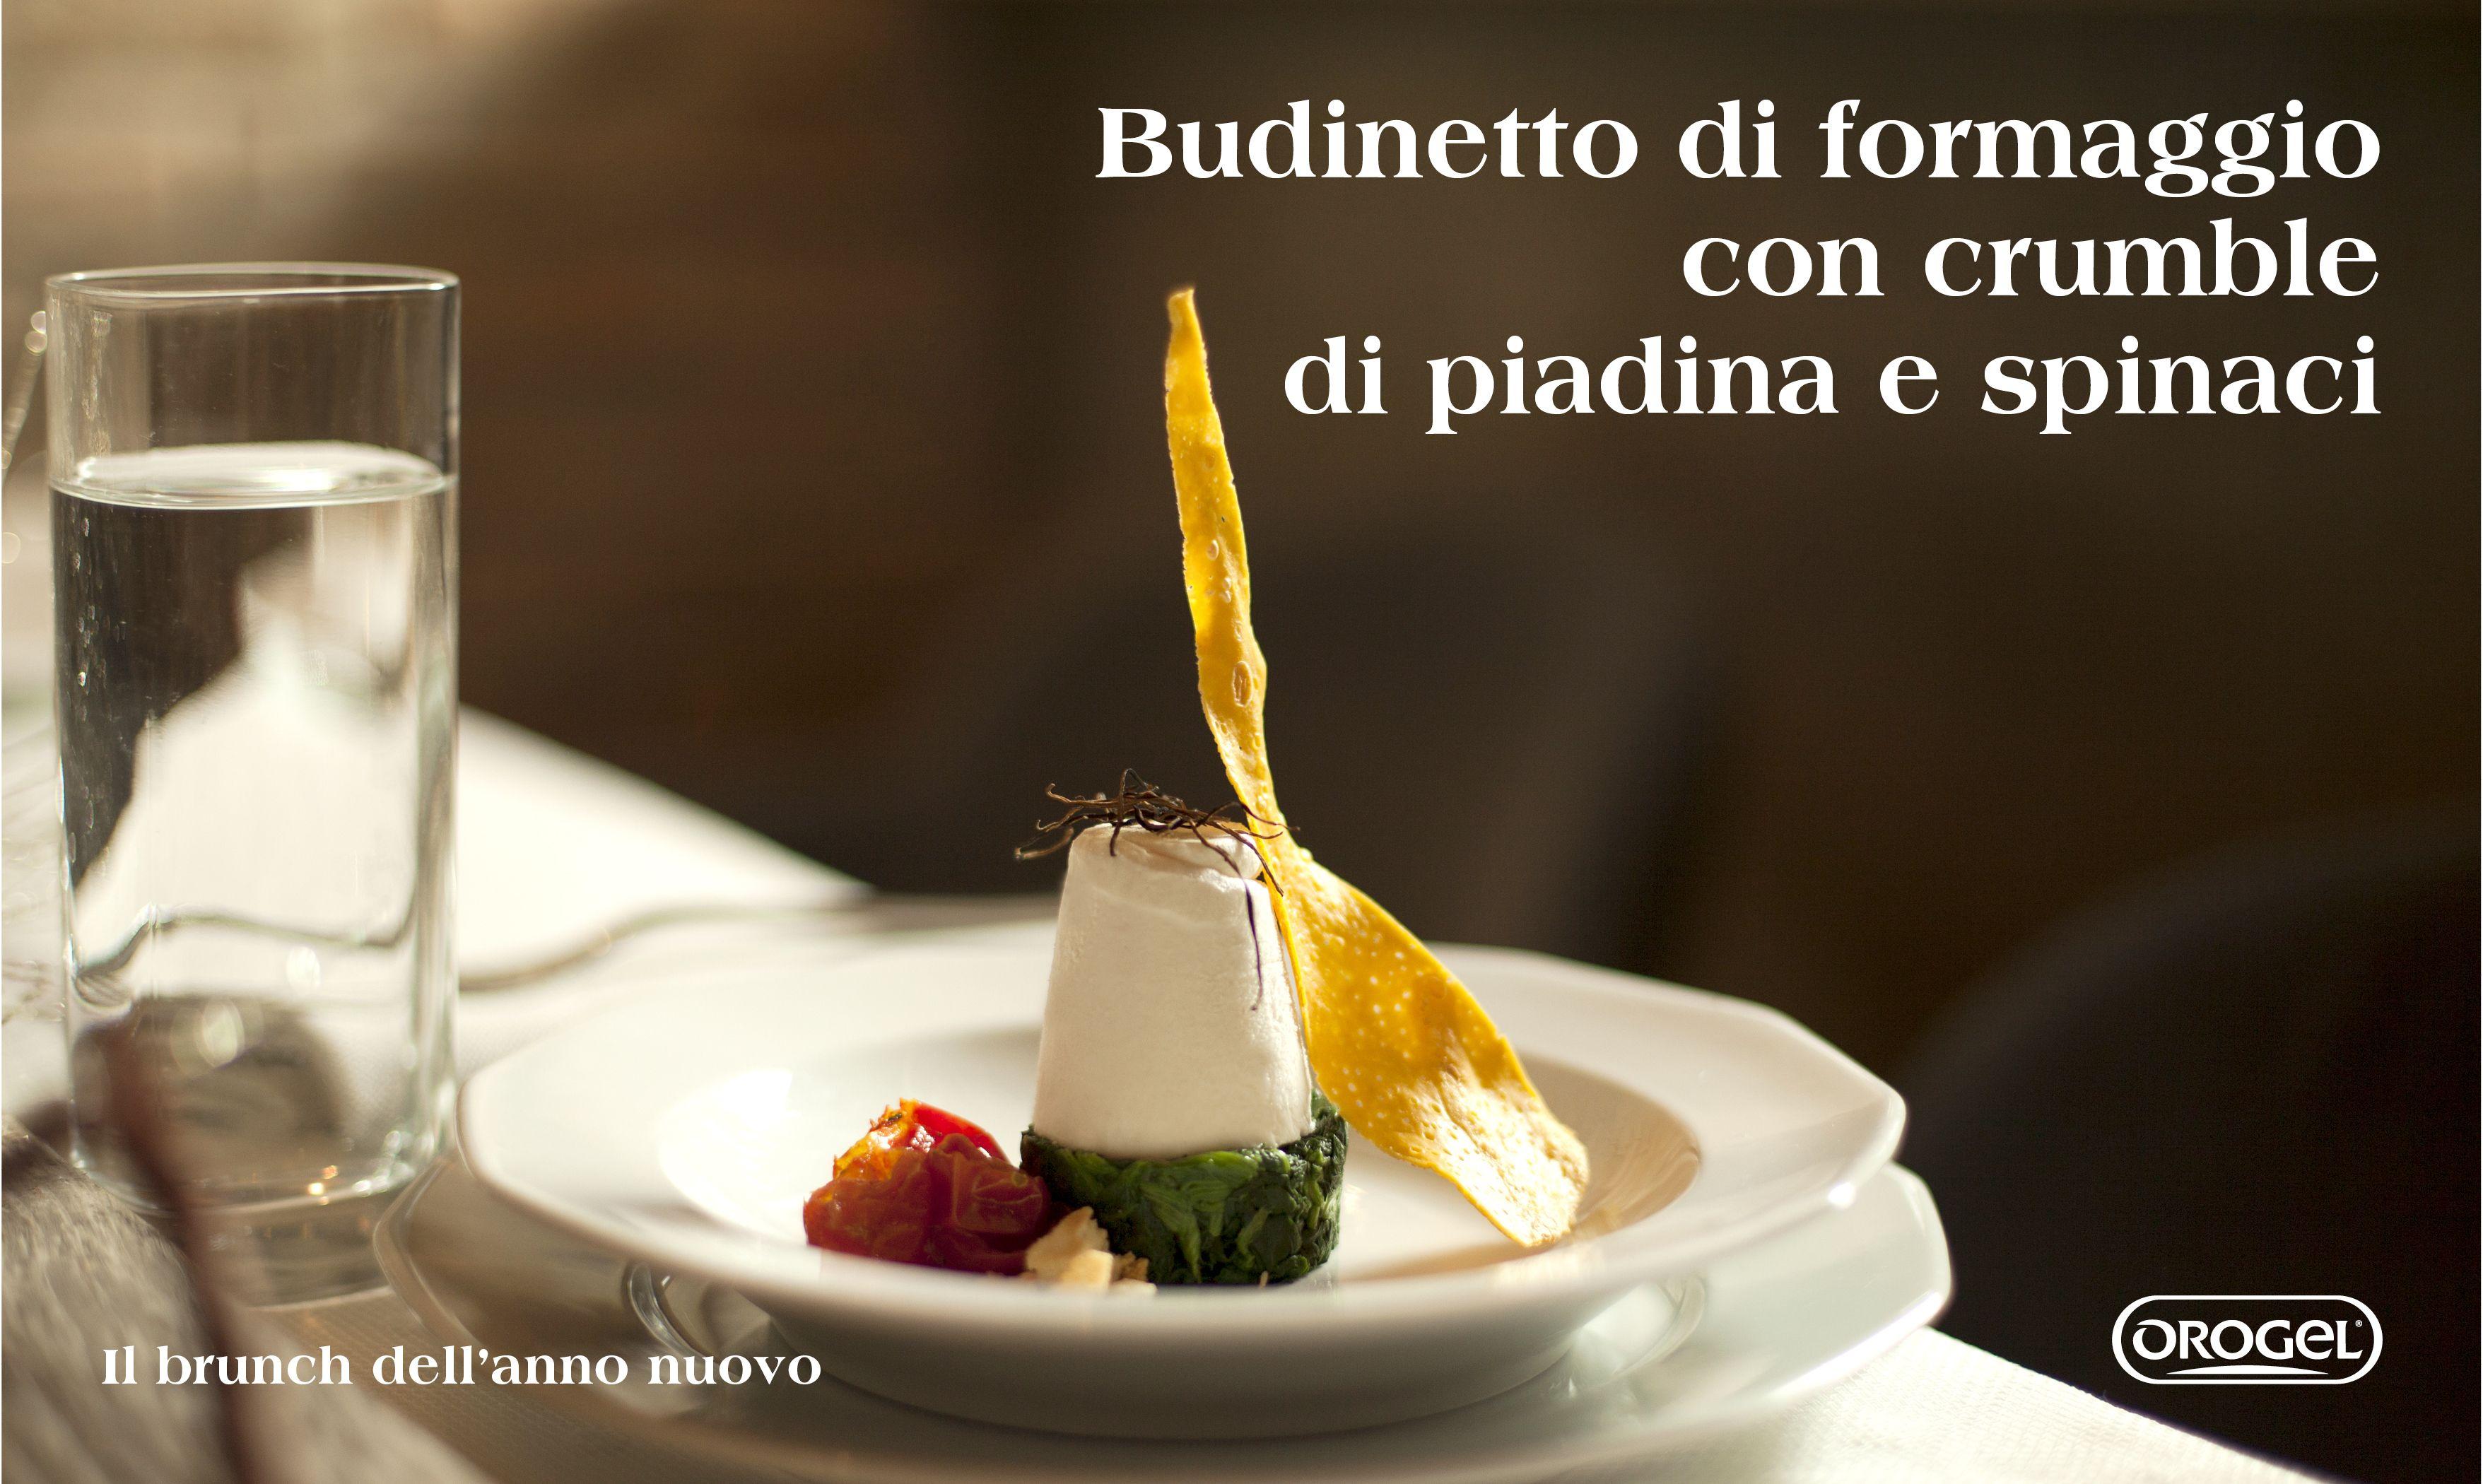 Il brunch dell'anno nuovo #formaggi #spinaci